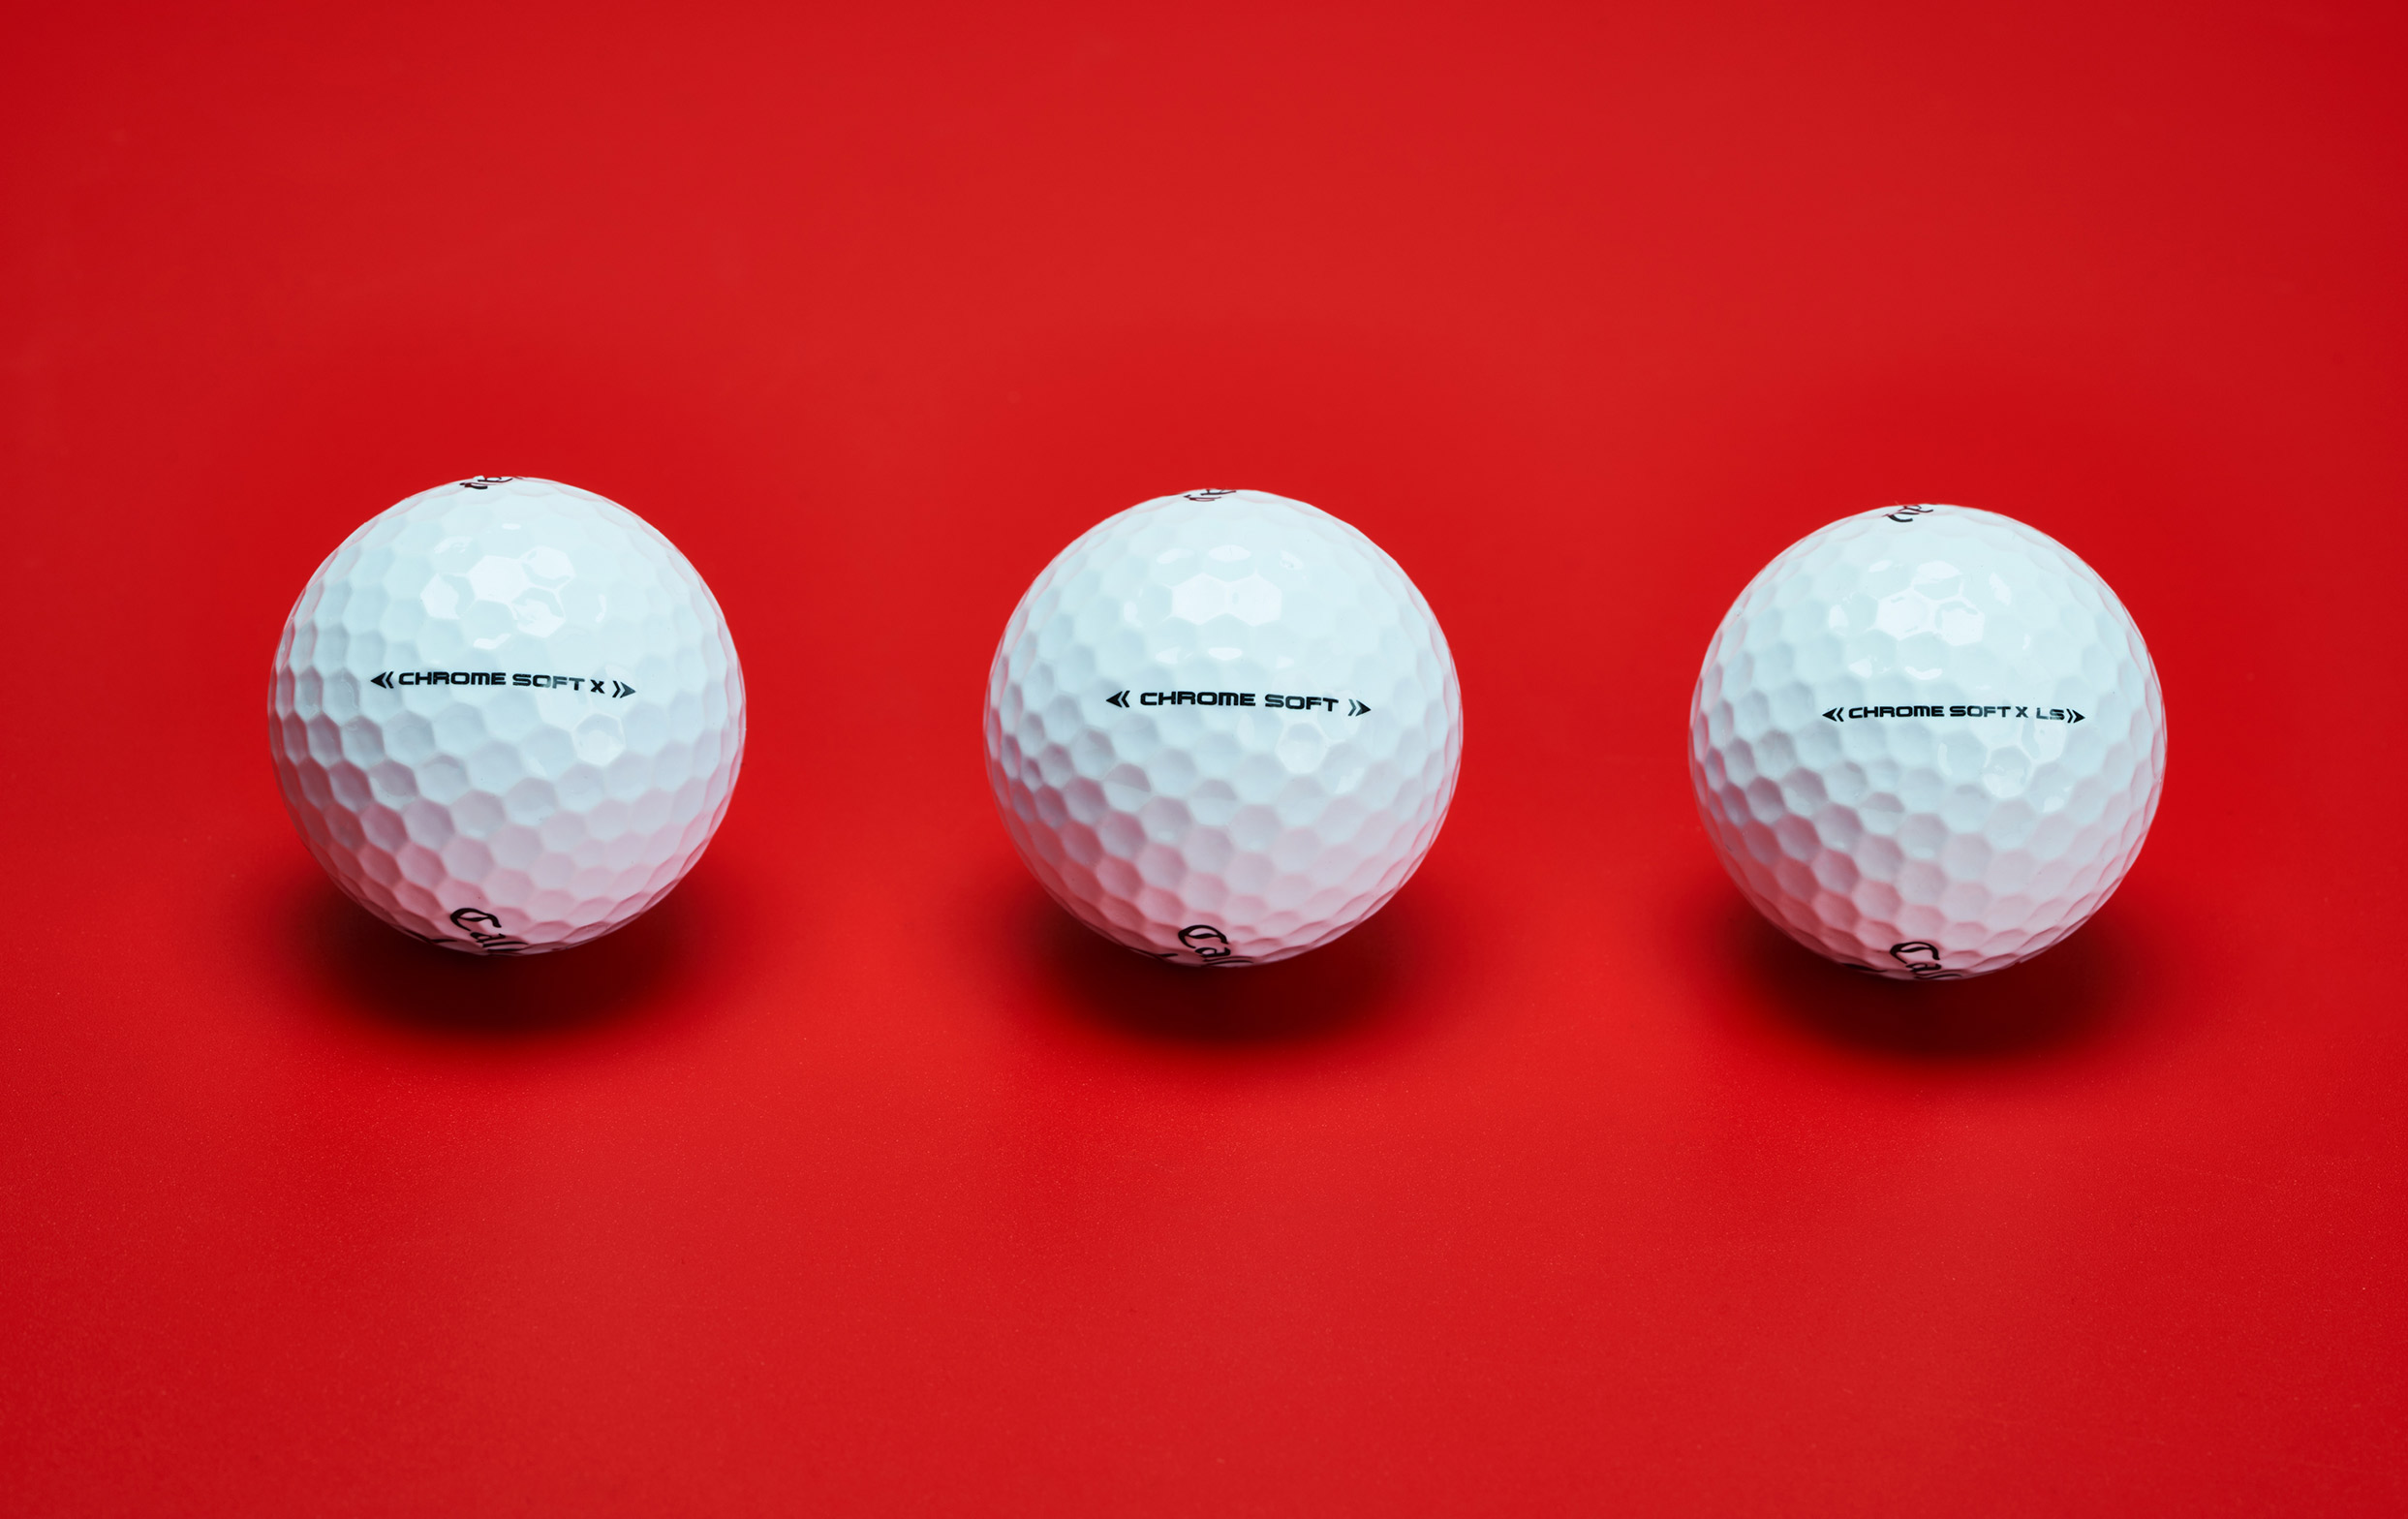 Chrome Soft Golf Ball Family